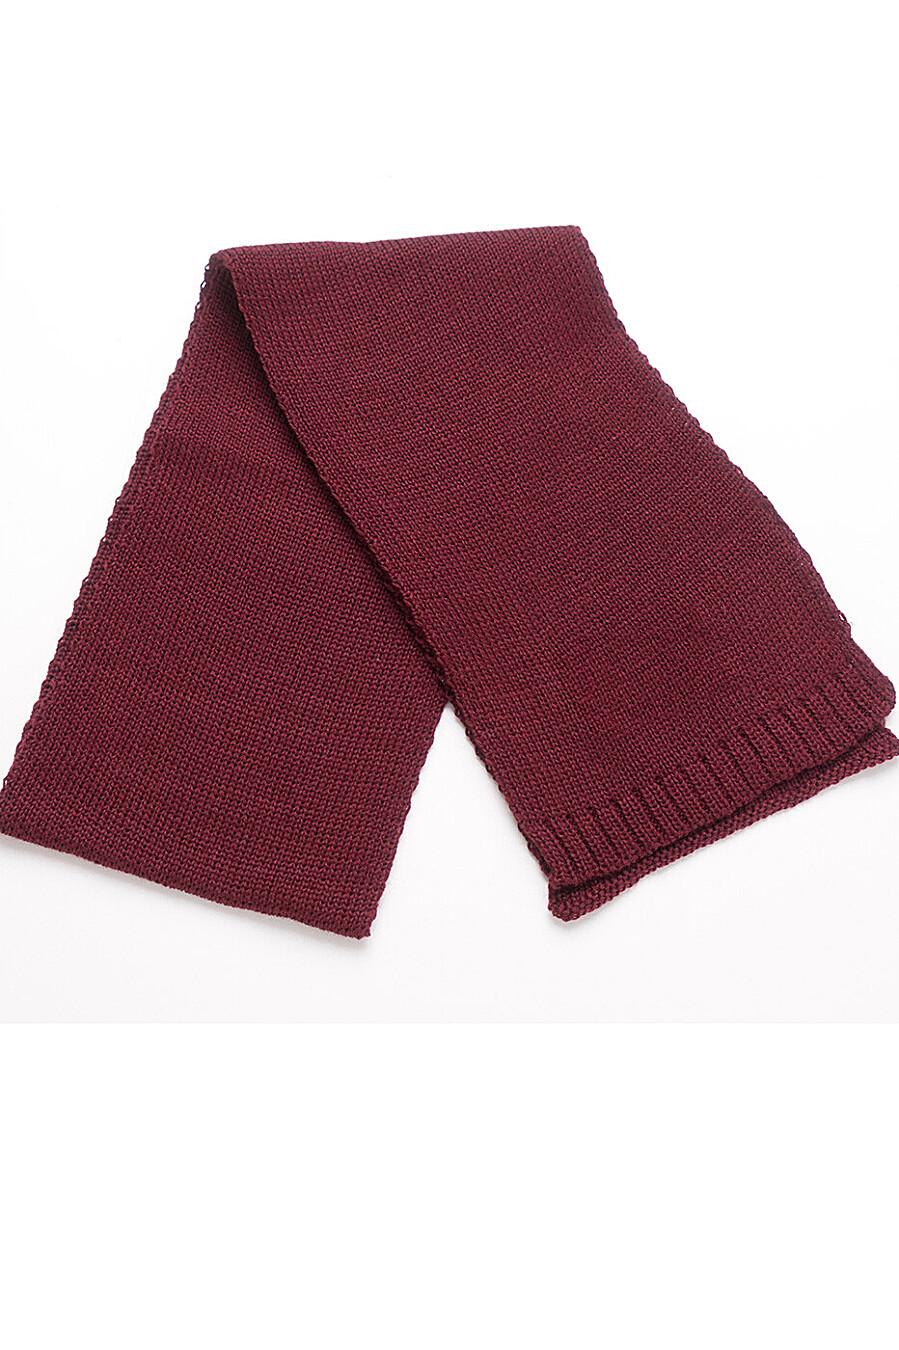 Шарф для девочек CLEVER 162757 купить оптом от производителя. Совместная покупка детской одежды в OptMoyo